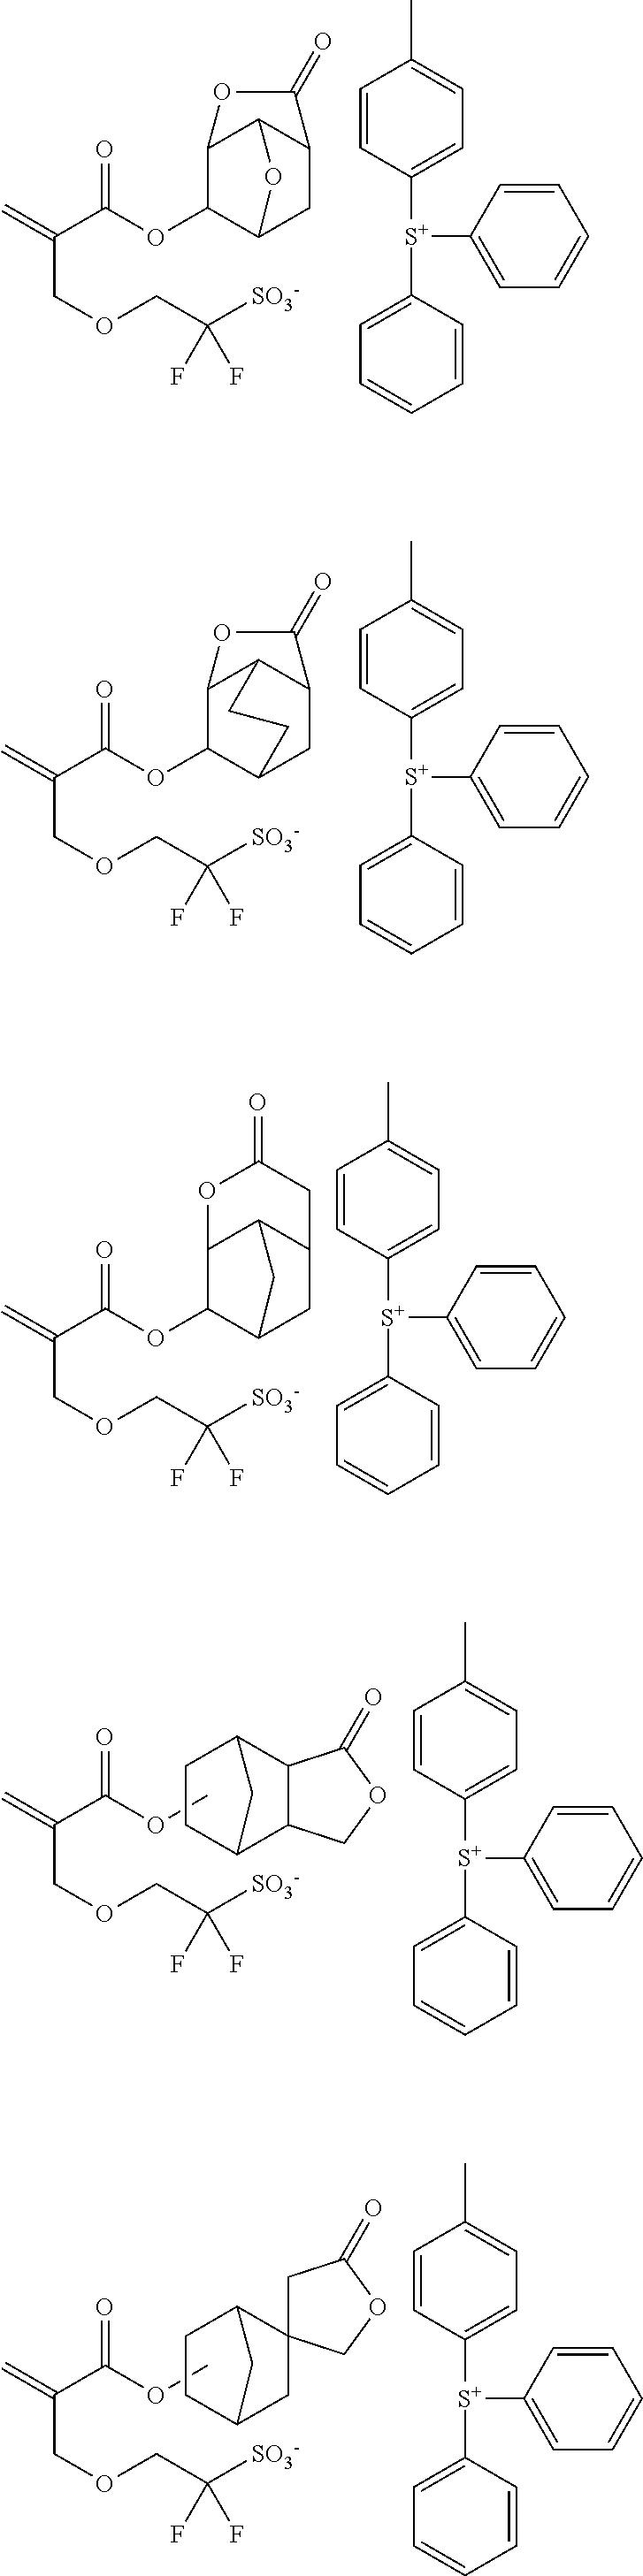 Figure US09488914-20161108-C00106